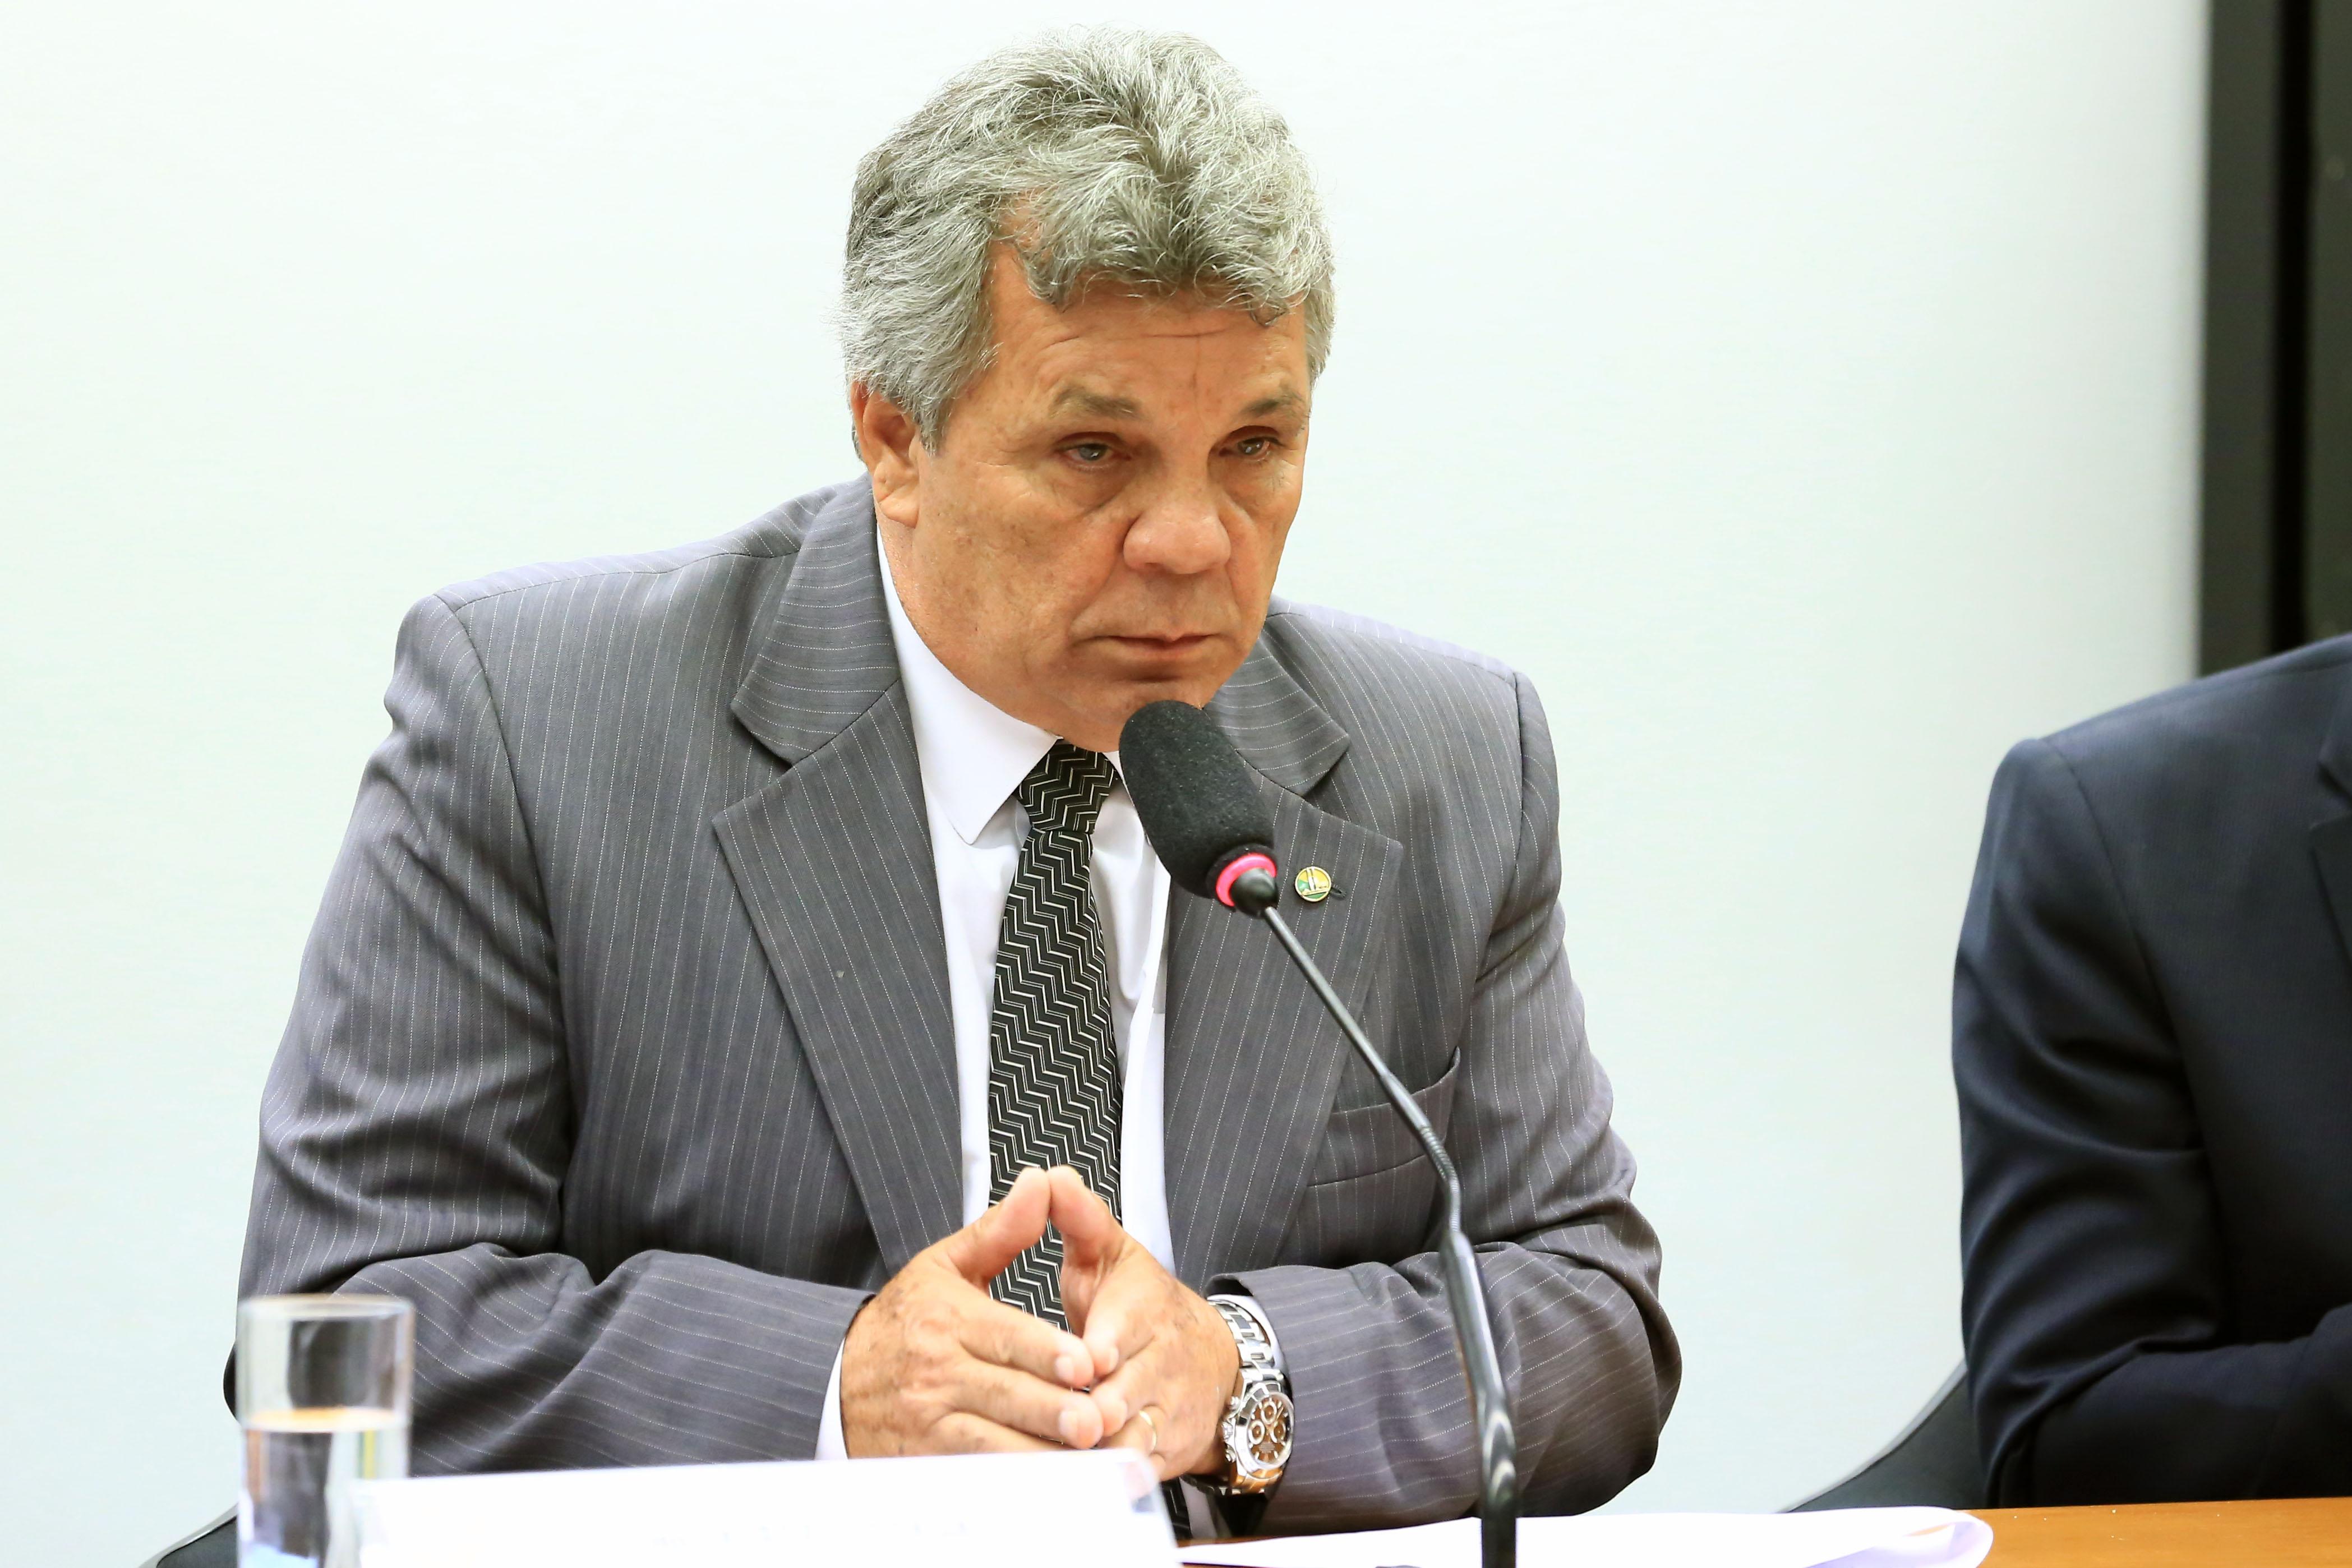 Audiência Pública e Reunião Ordinária. Dep. Alberto Fraga (DEM-DF)